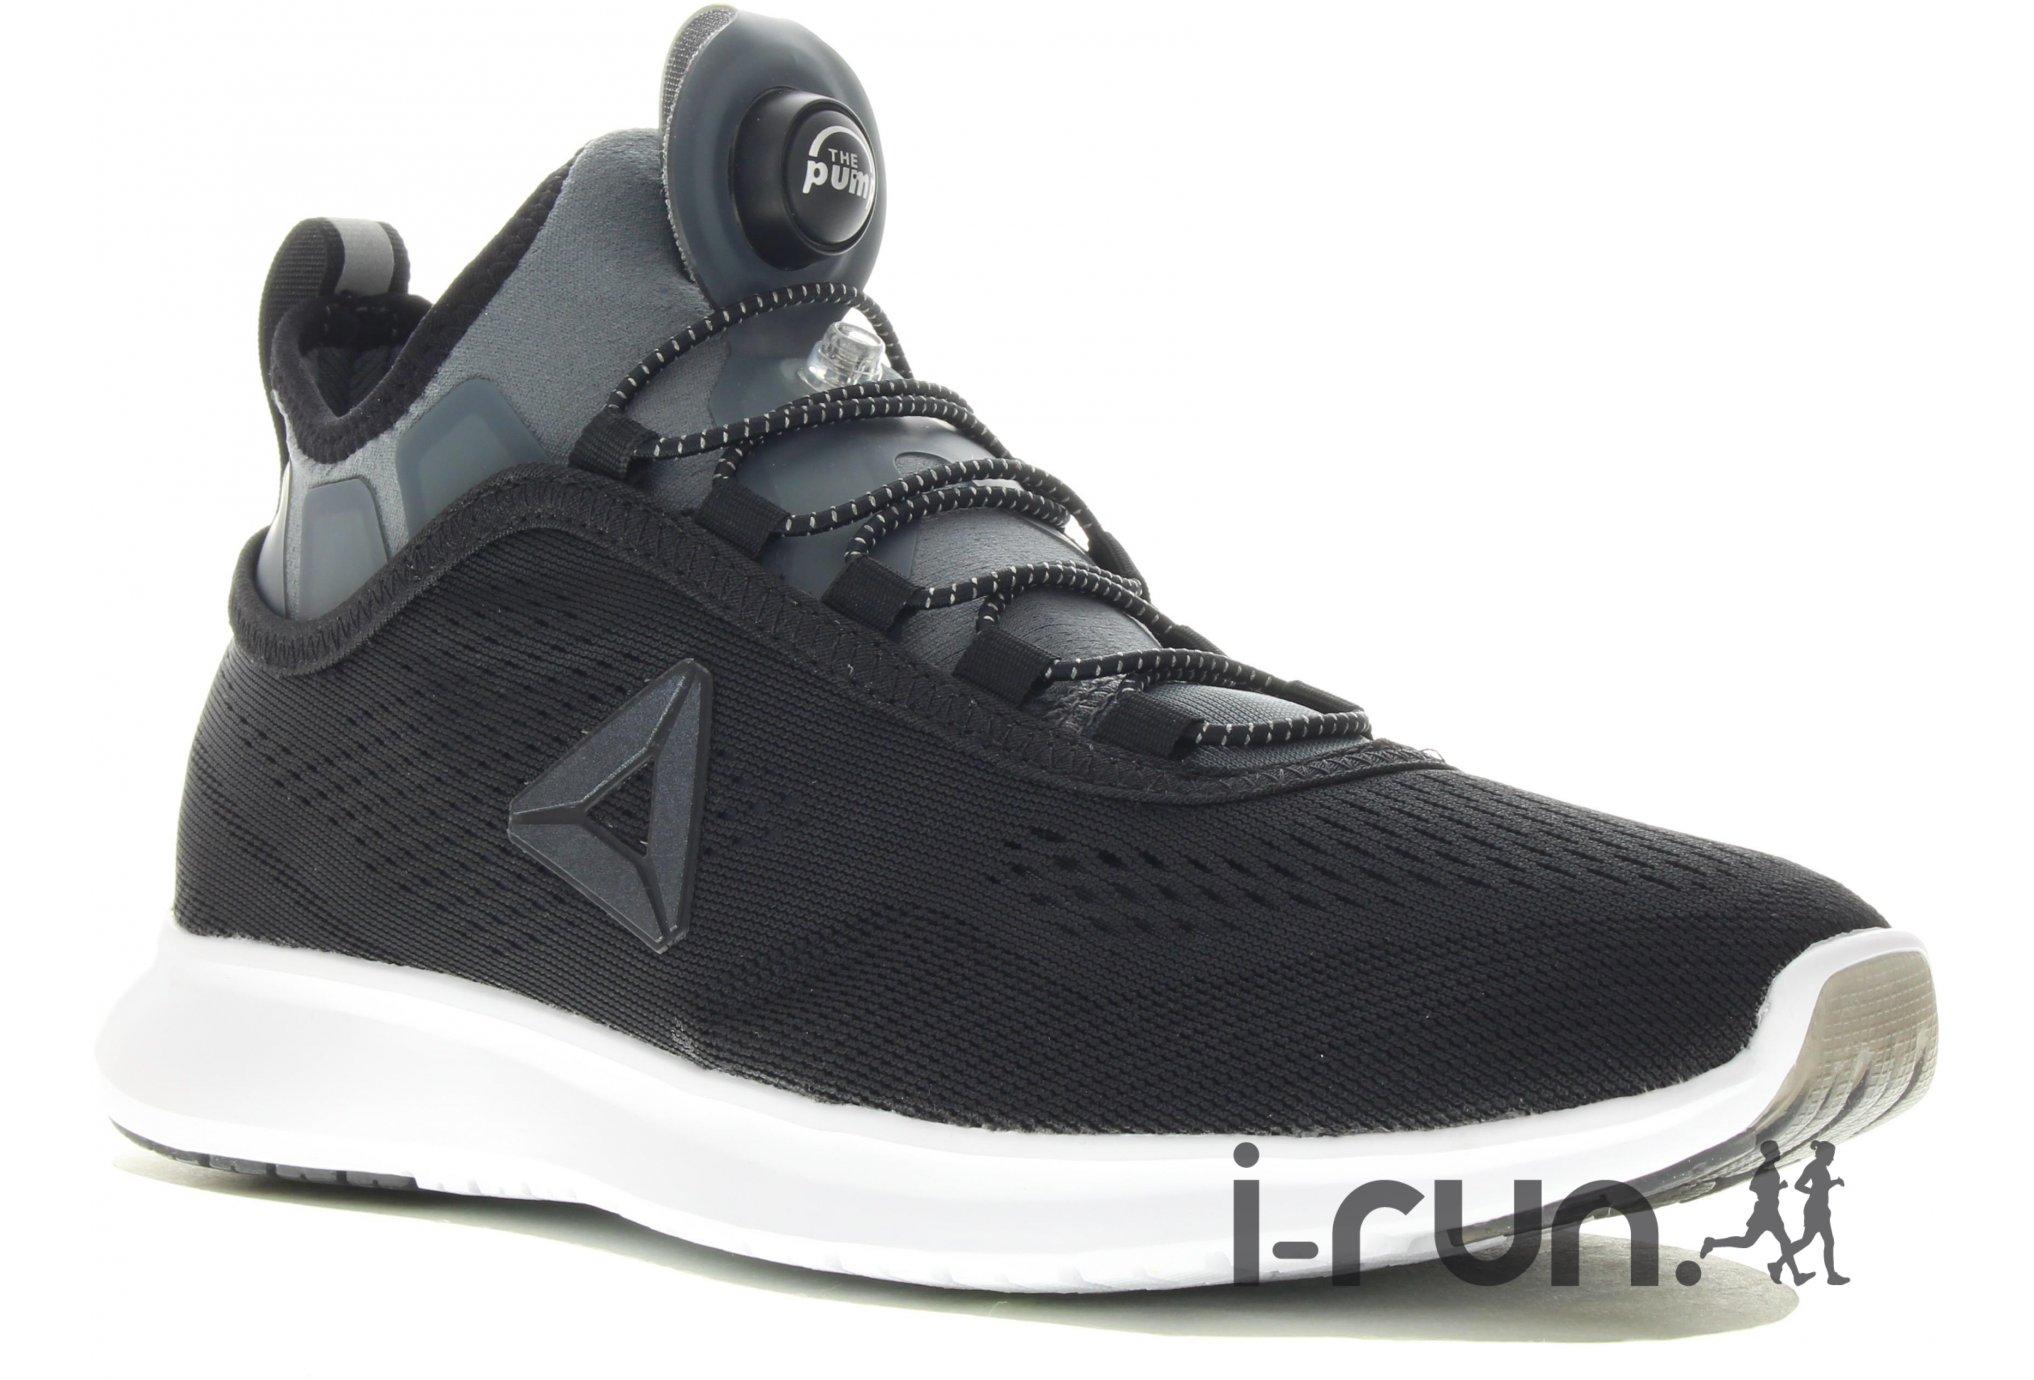 Reebok Pump Plus Tech W Chaussures running femme